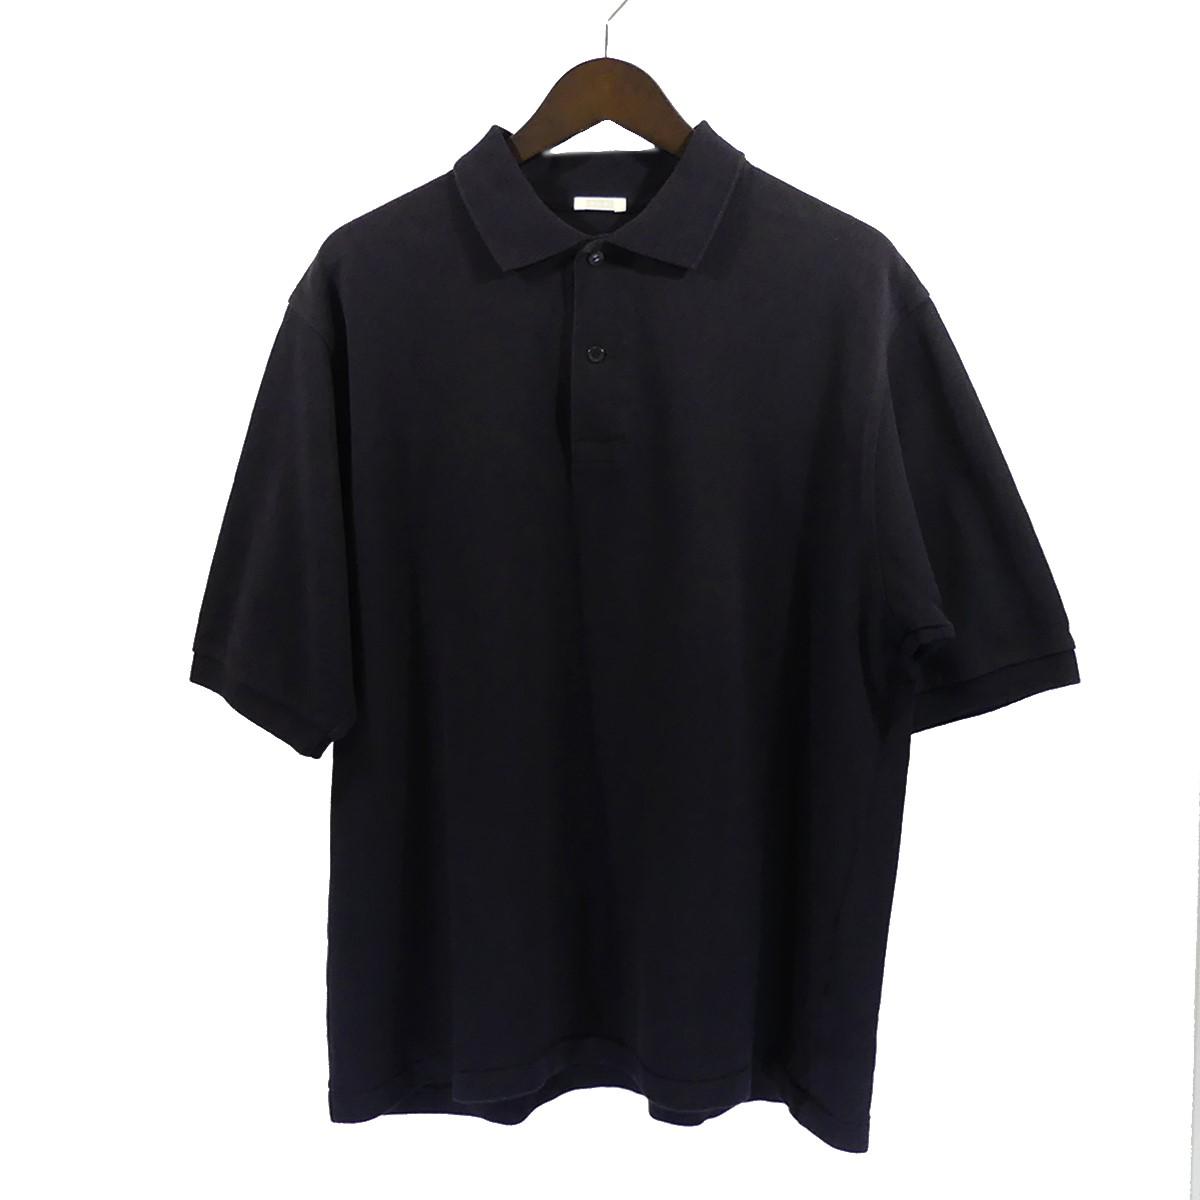 【中古】COMOLI 18SS 鹿の子半袖ポロシャツ ネイビー サイズ:1 【290420】(コモリ)